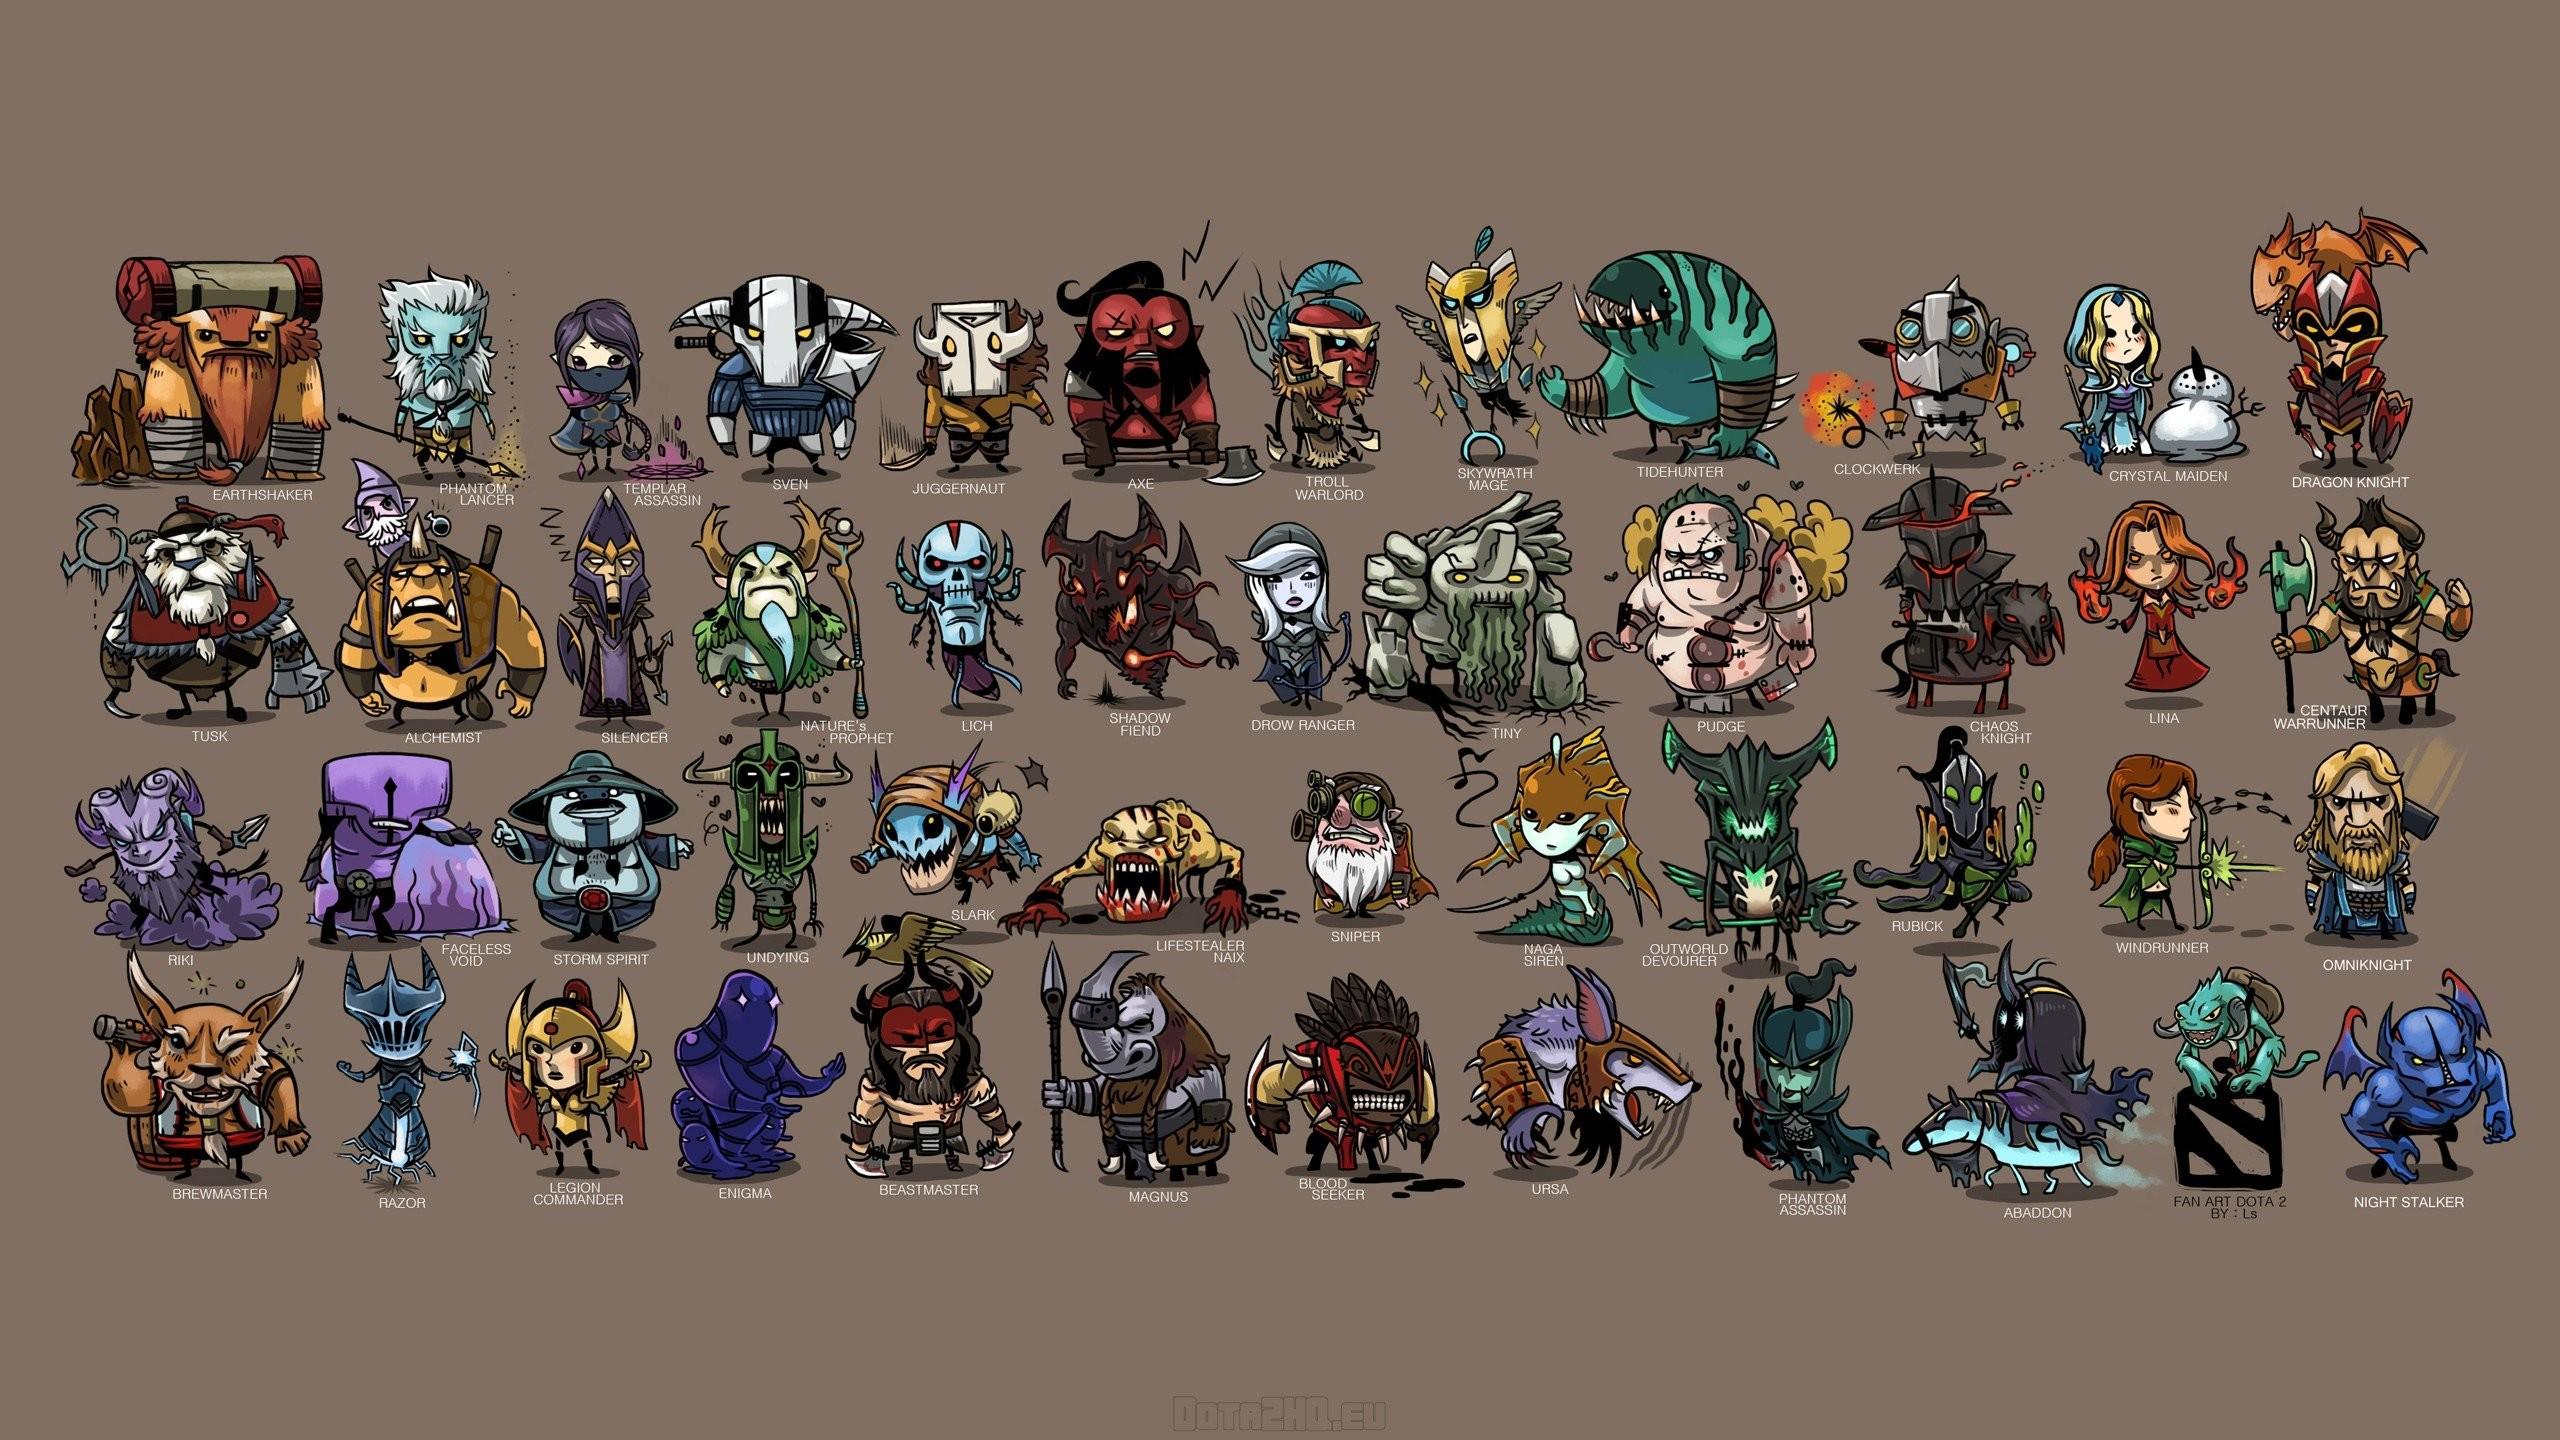 Heroes Minimalism Dota 2 Video Games